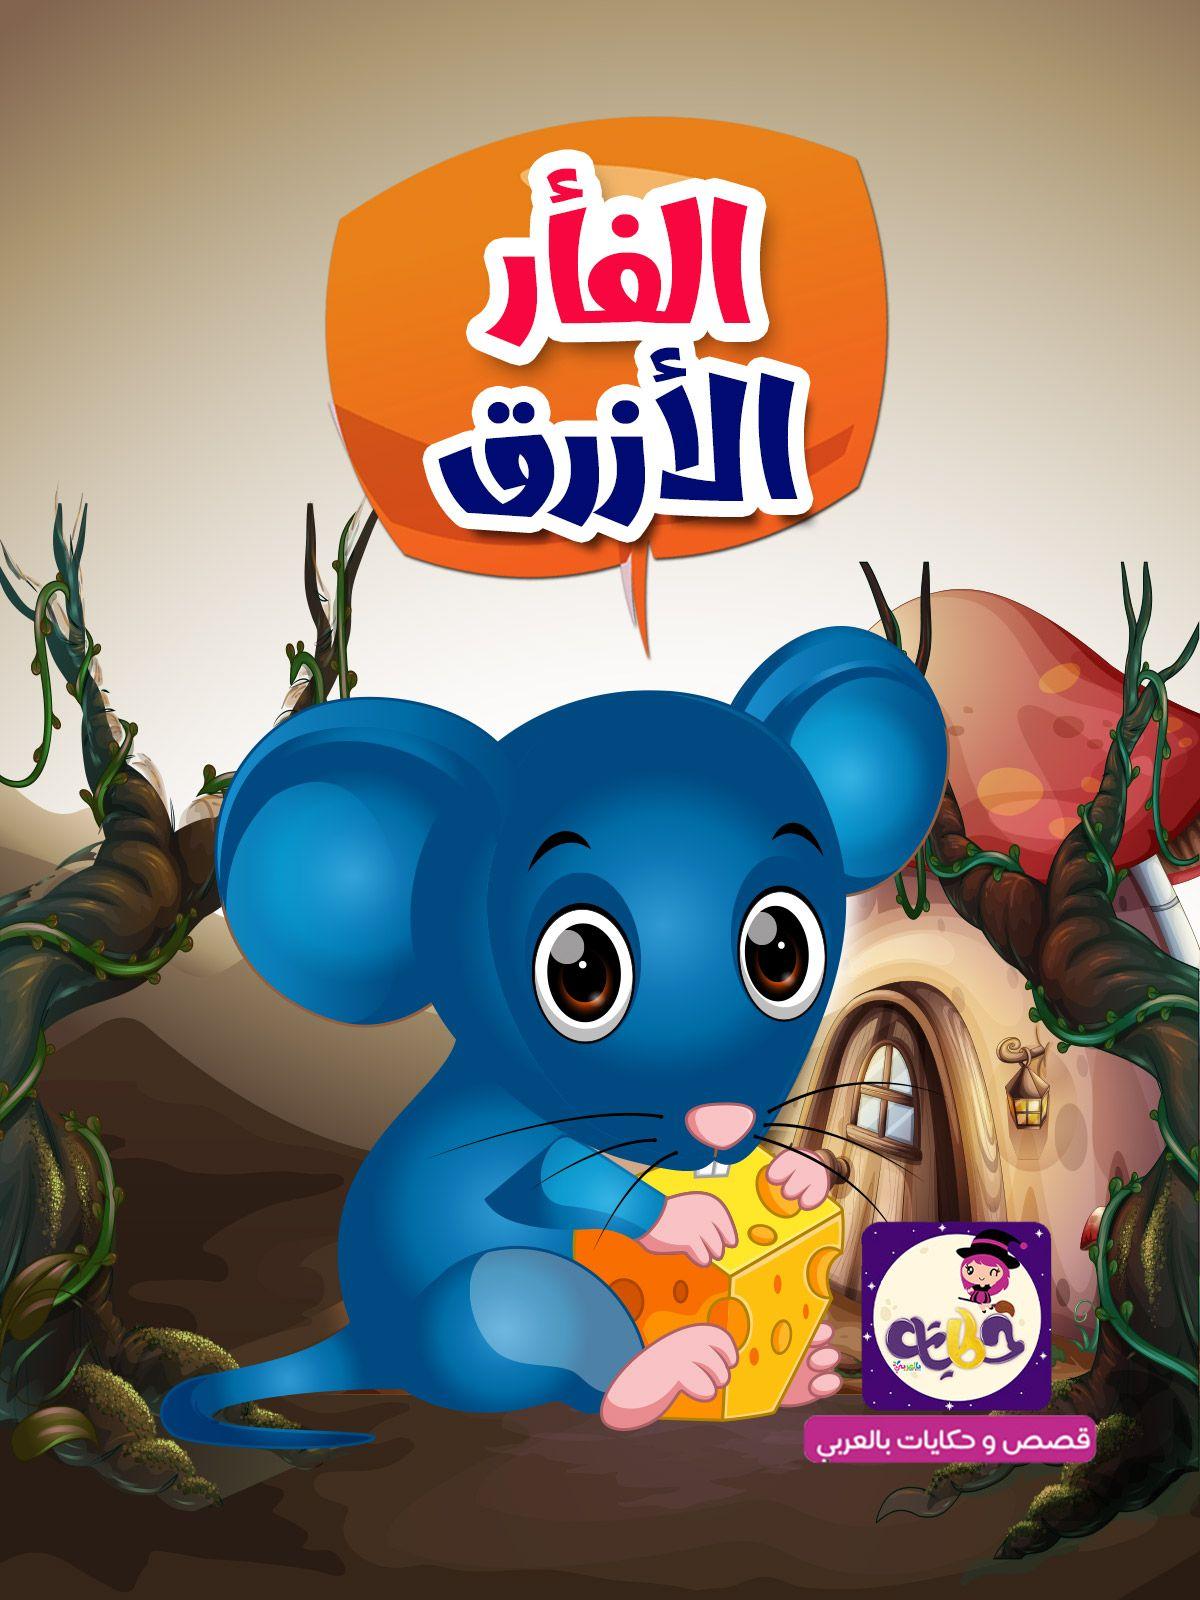 قصة الفأر الأزرق قصص مميزة للاطفال للاطفال من سن 3 10 سنوات بتطبيق حكايات بالعربي Arabic Kids Kids Story Books Stories For Kids